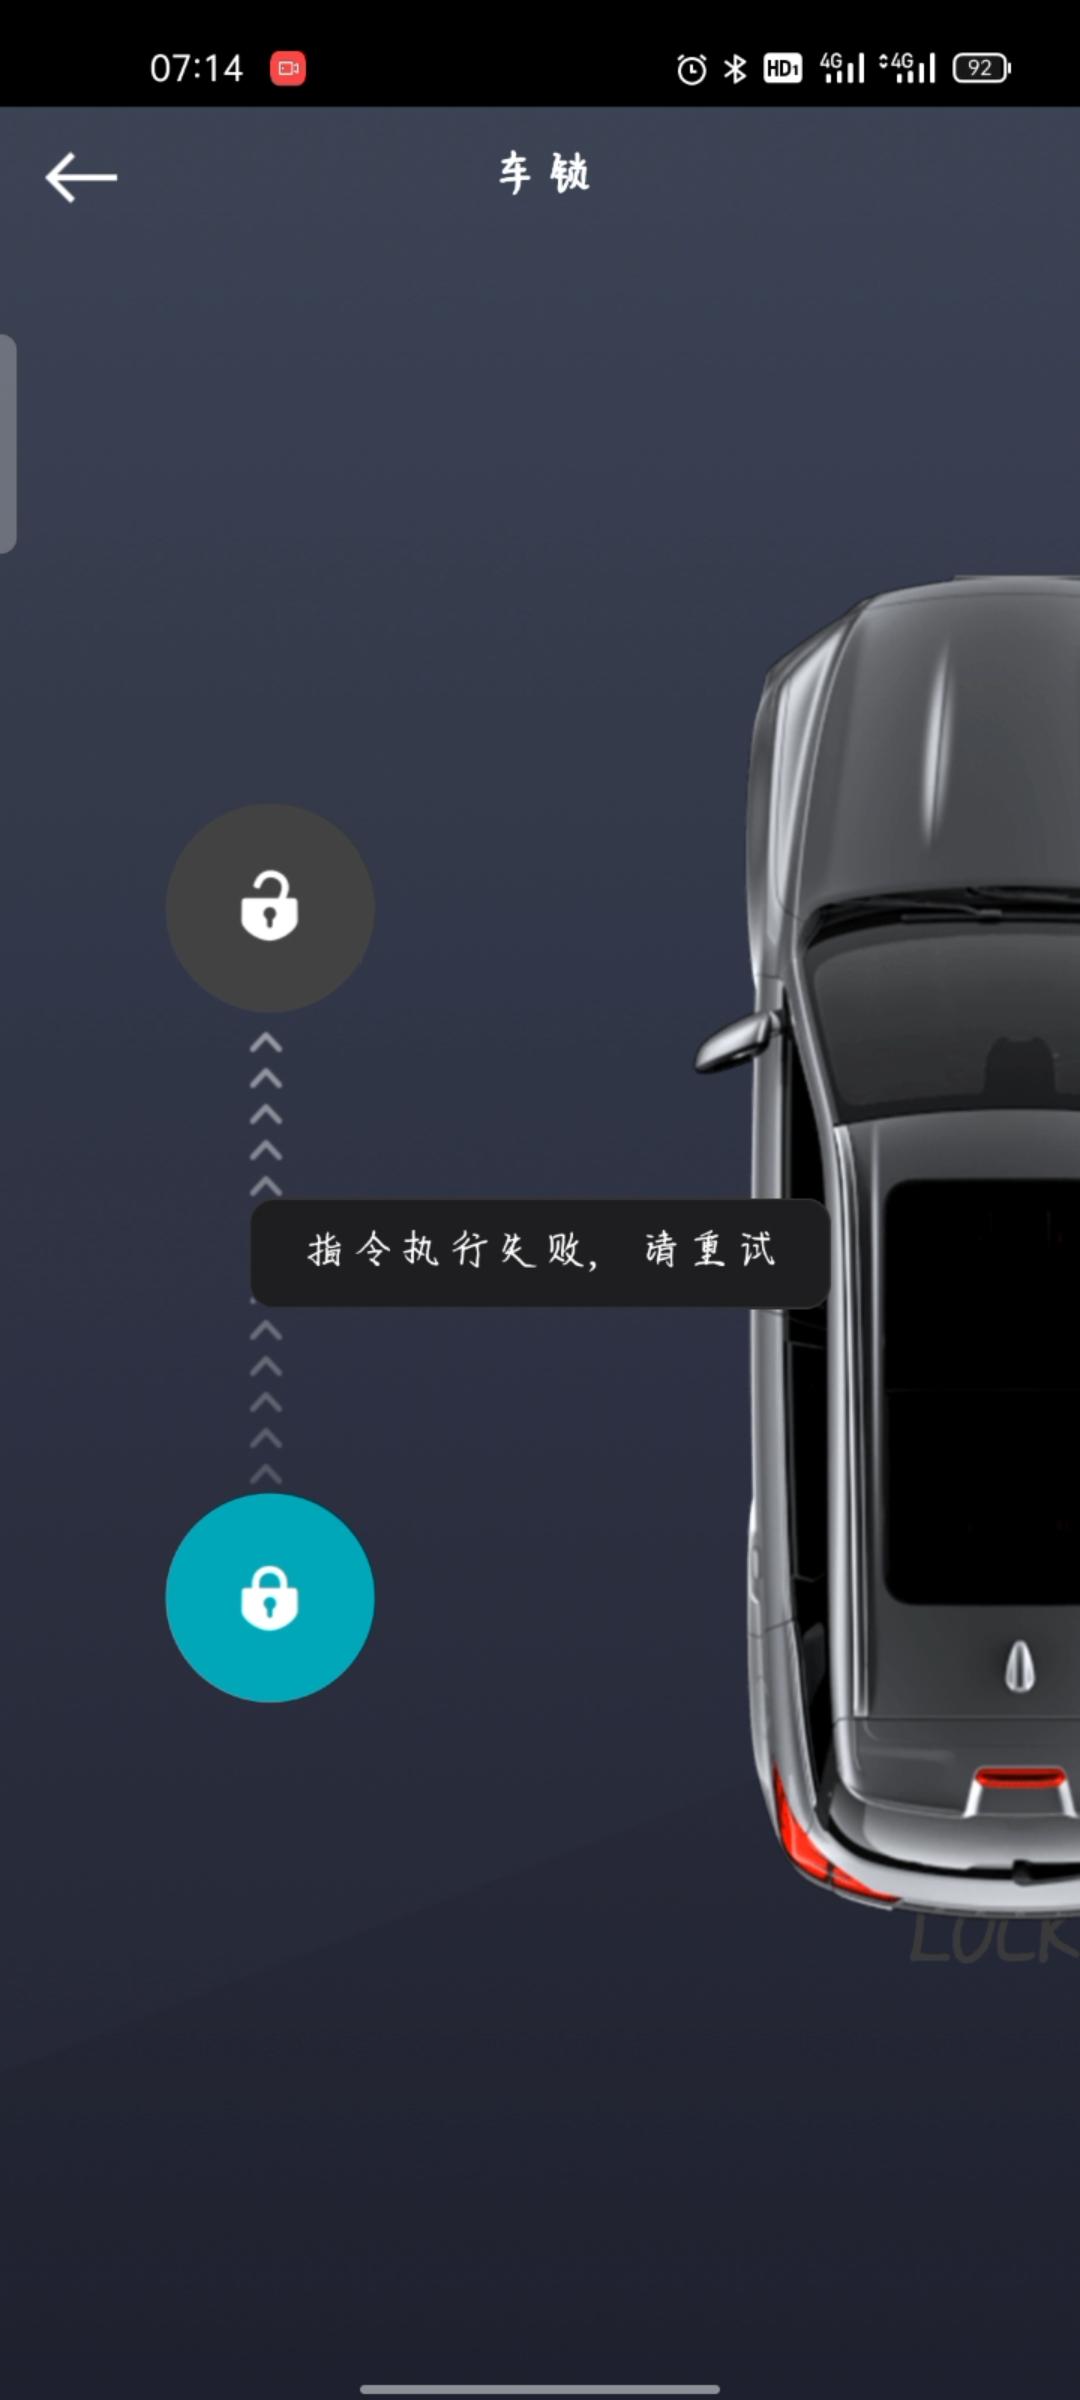 吉利汽车博越车机系统过于老旧,而且厂家的软件技术差